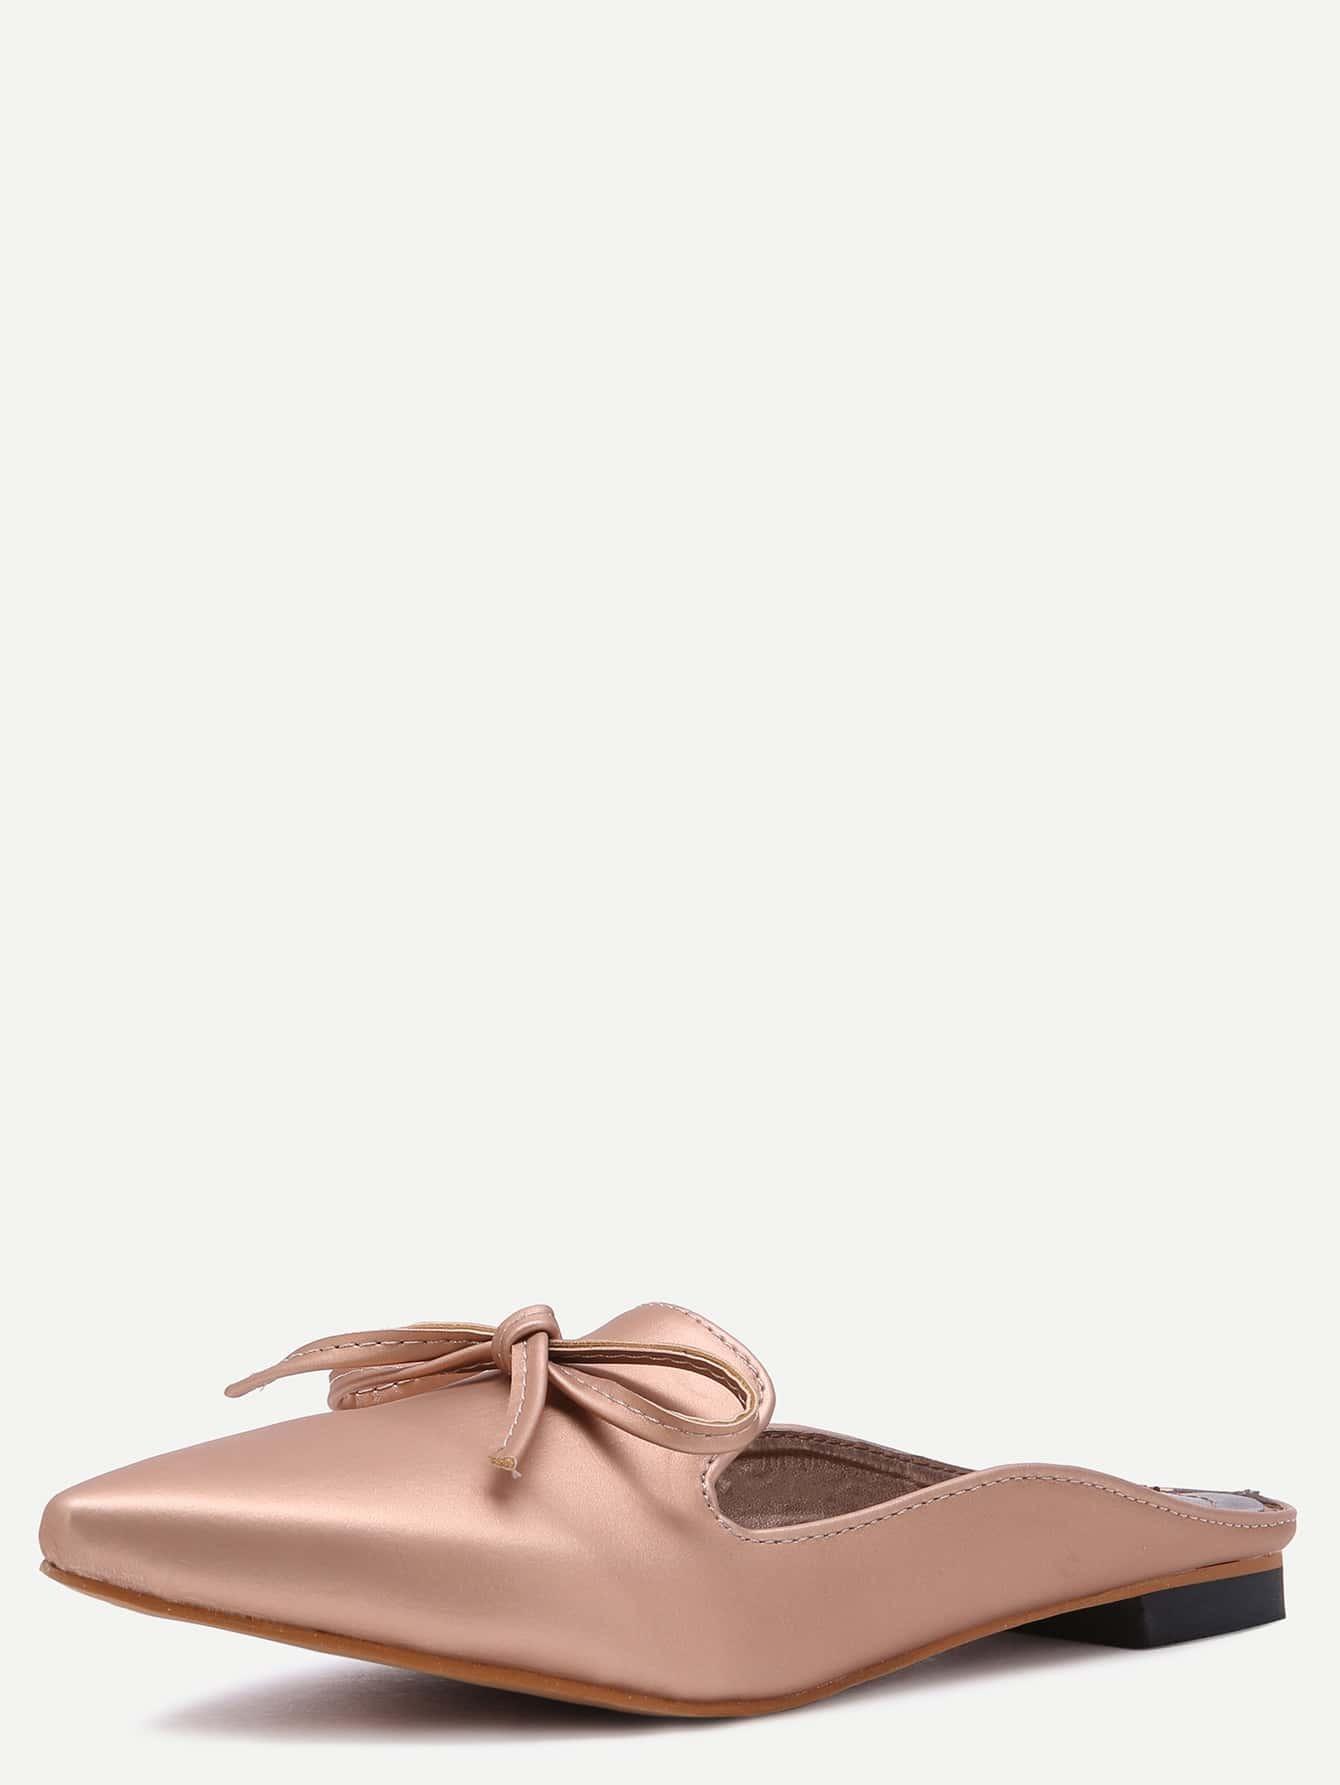 shoes161103807_2